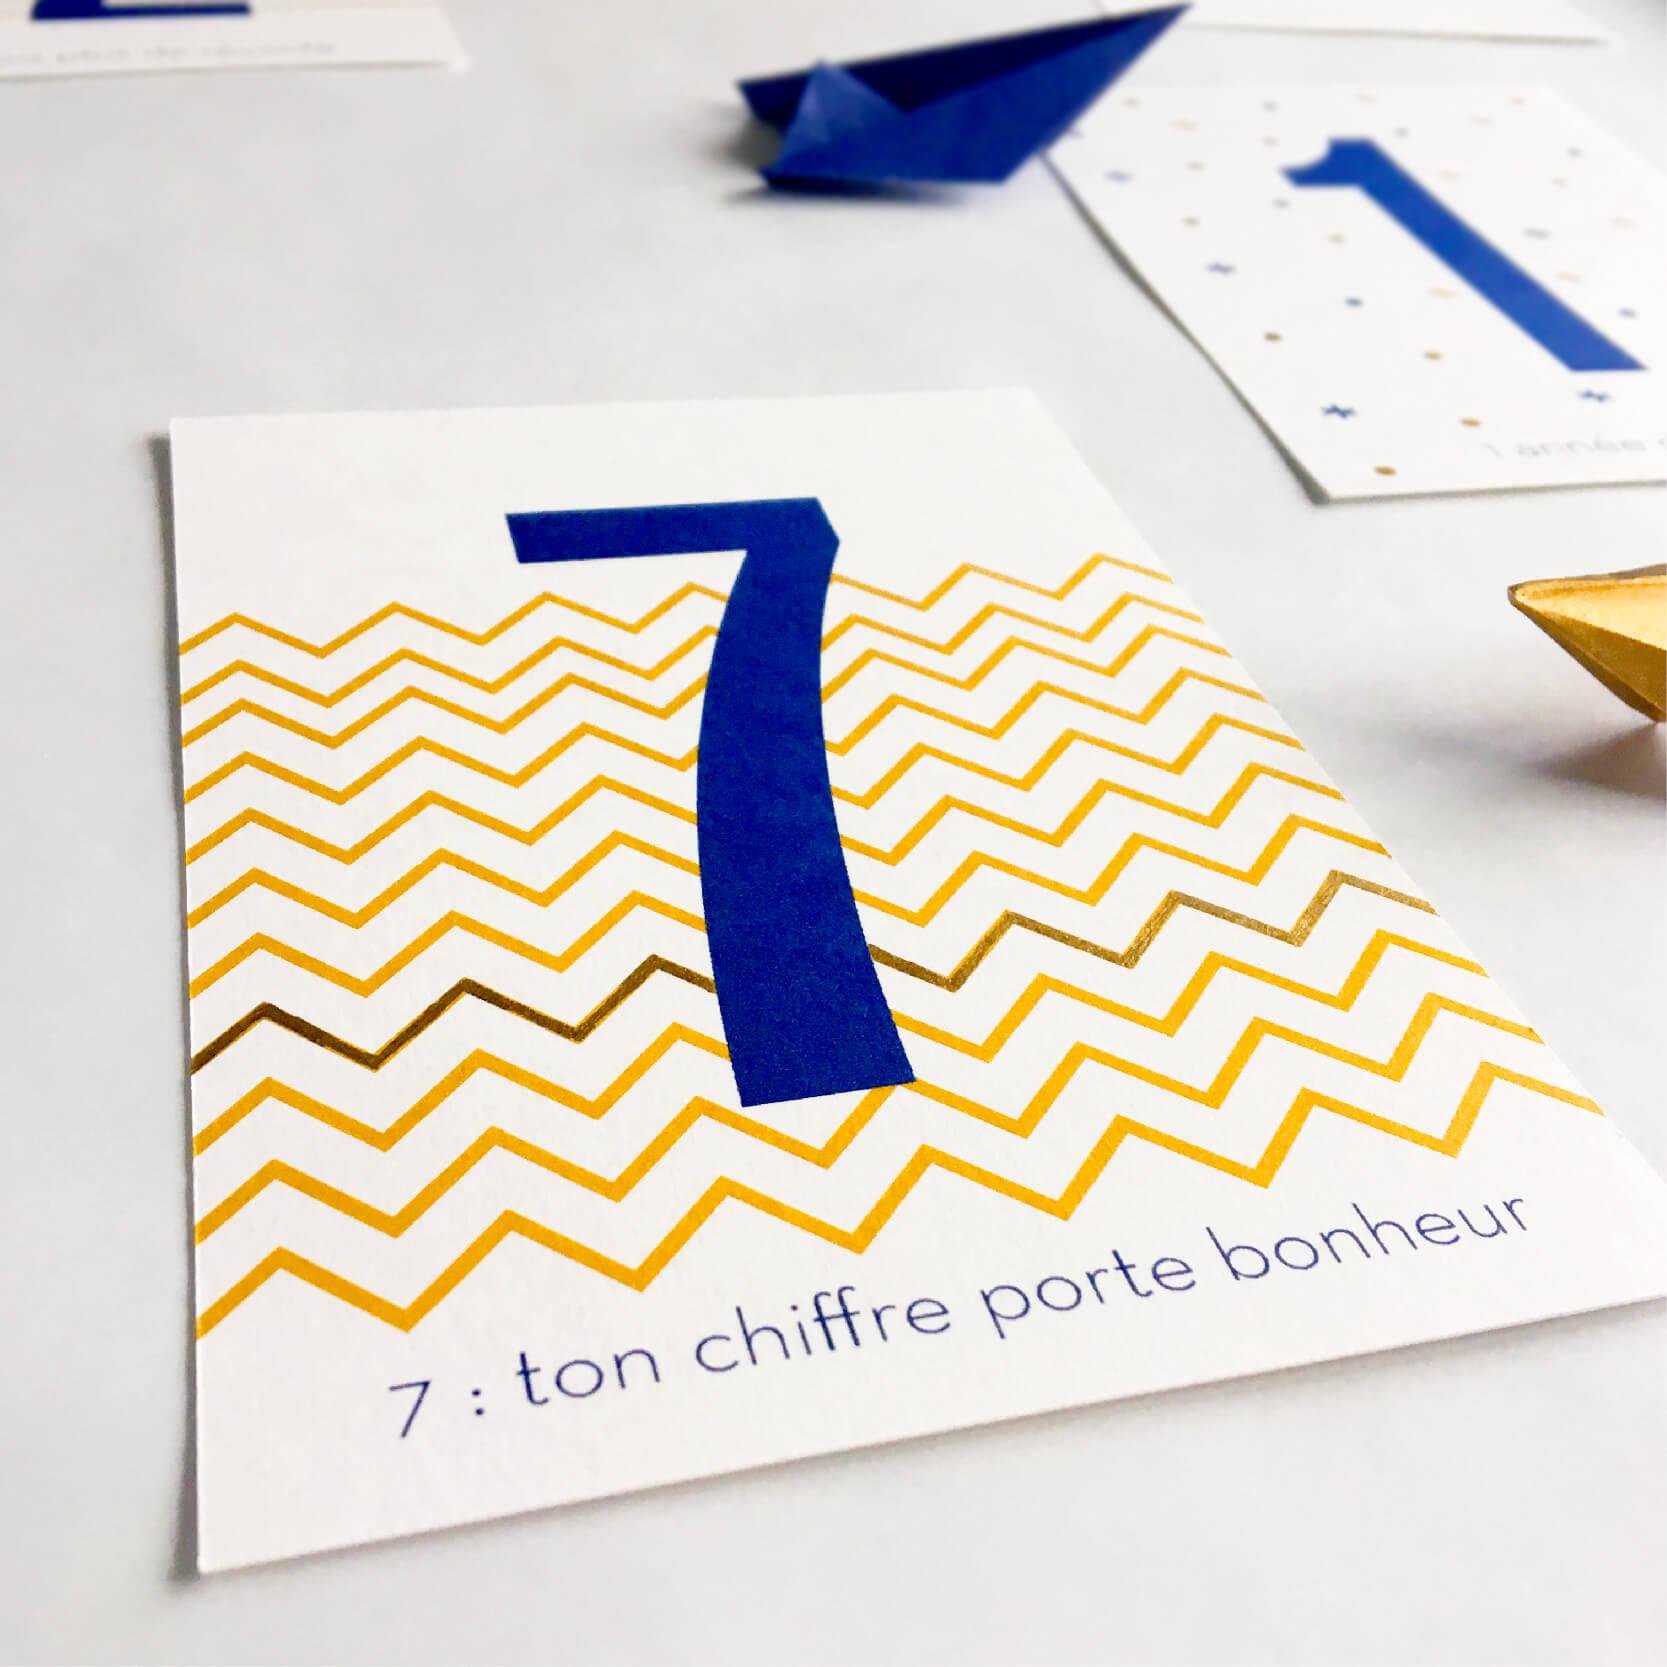 Cartes de voeux 2017 free printable the helloday for Chiffre 7 porte bonheur